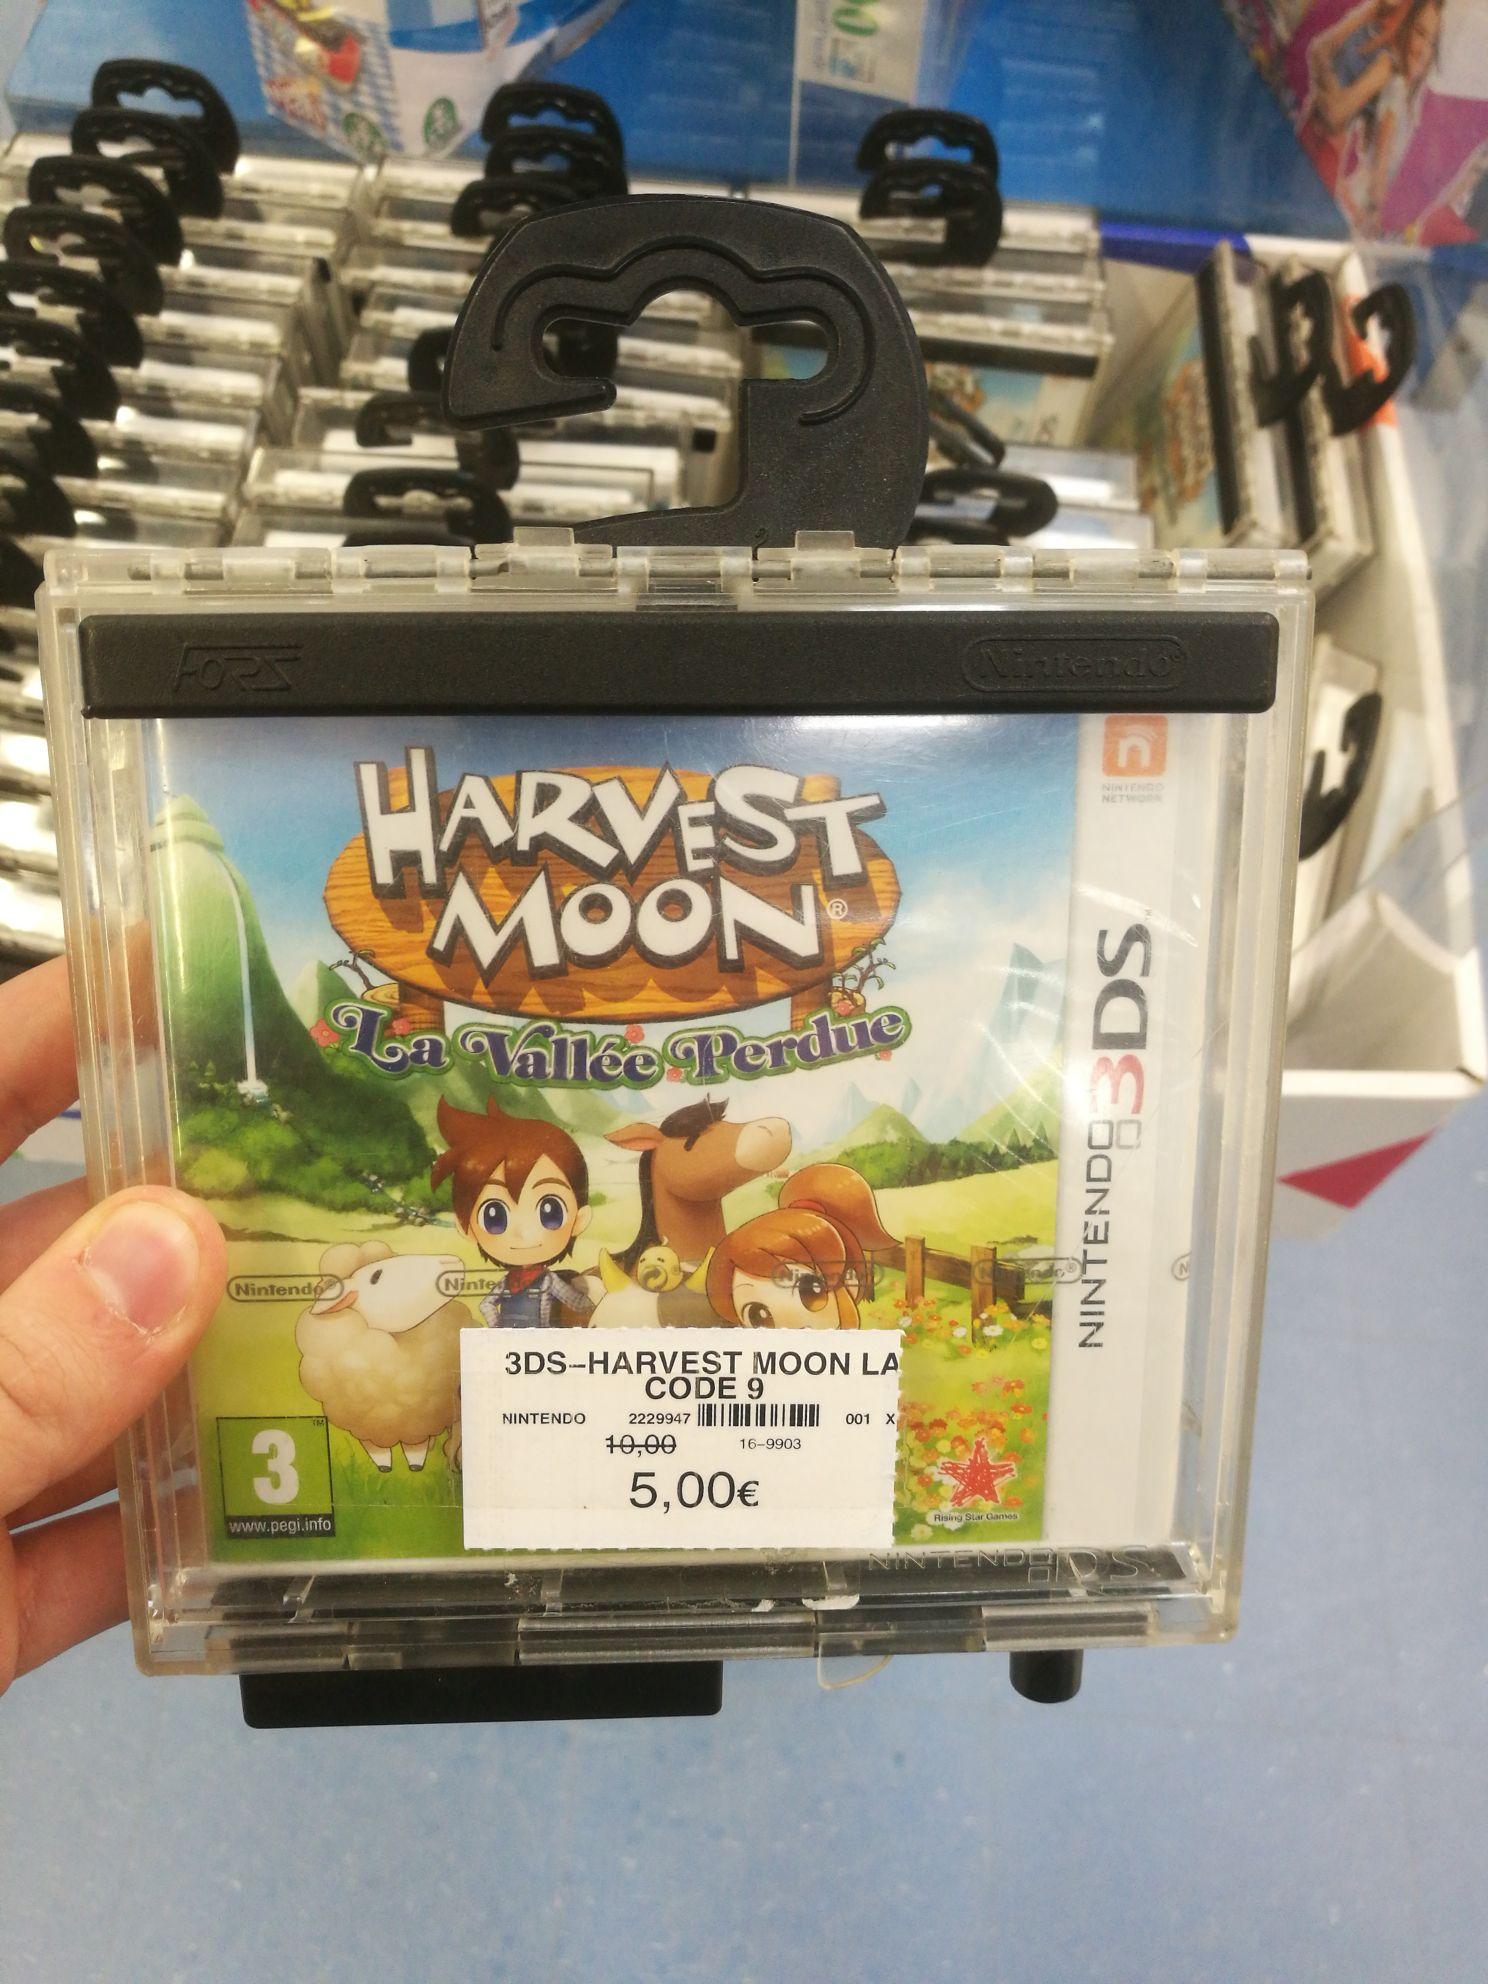 Harvest moon la vallée perdue sur Nintendo 3DS - Tourville La Rivière (76)